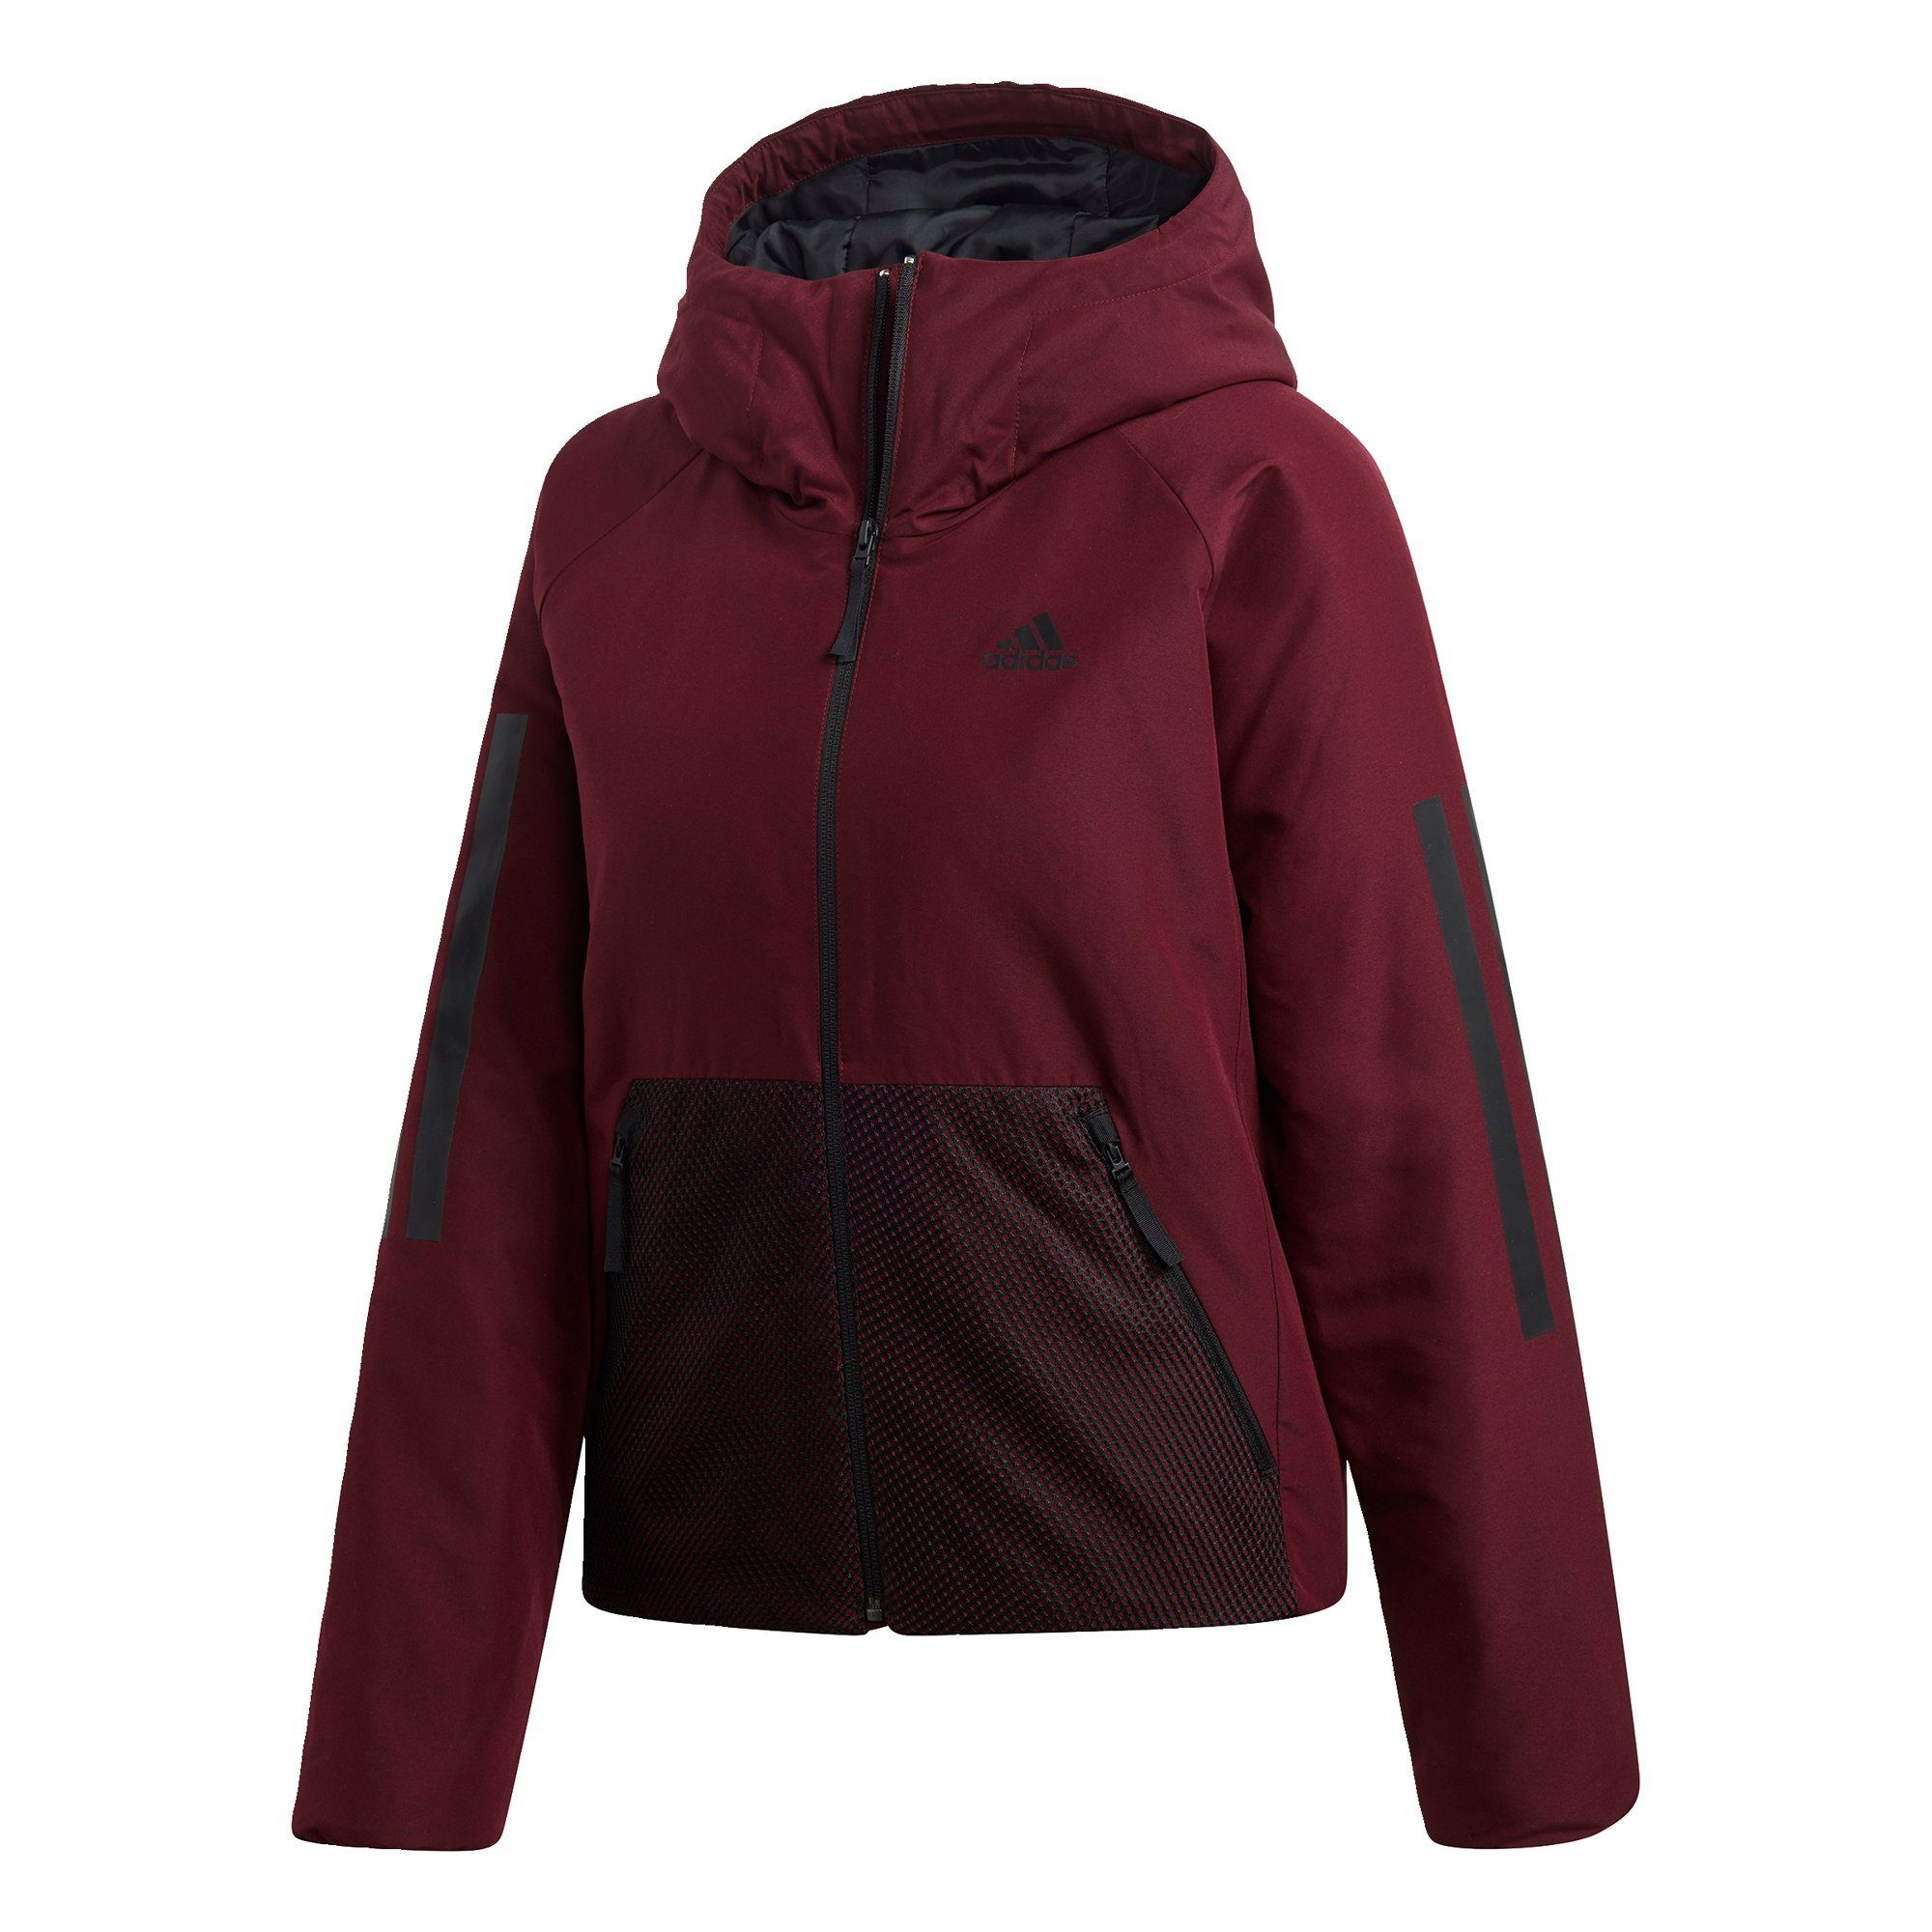 adidas TERREX Outdoorjacke »Parley 3 Lagen Jacke Damen« online kaufen | OTTO